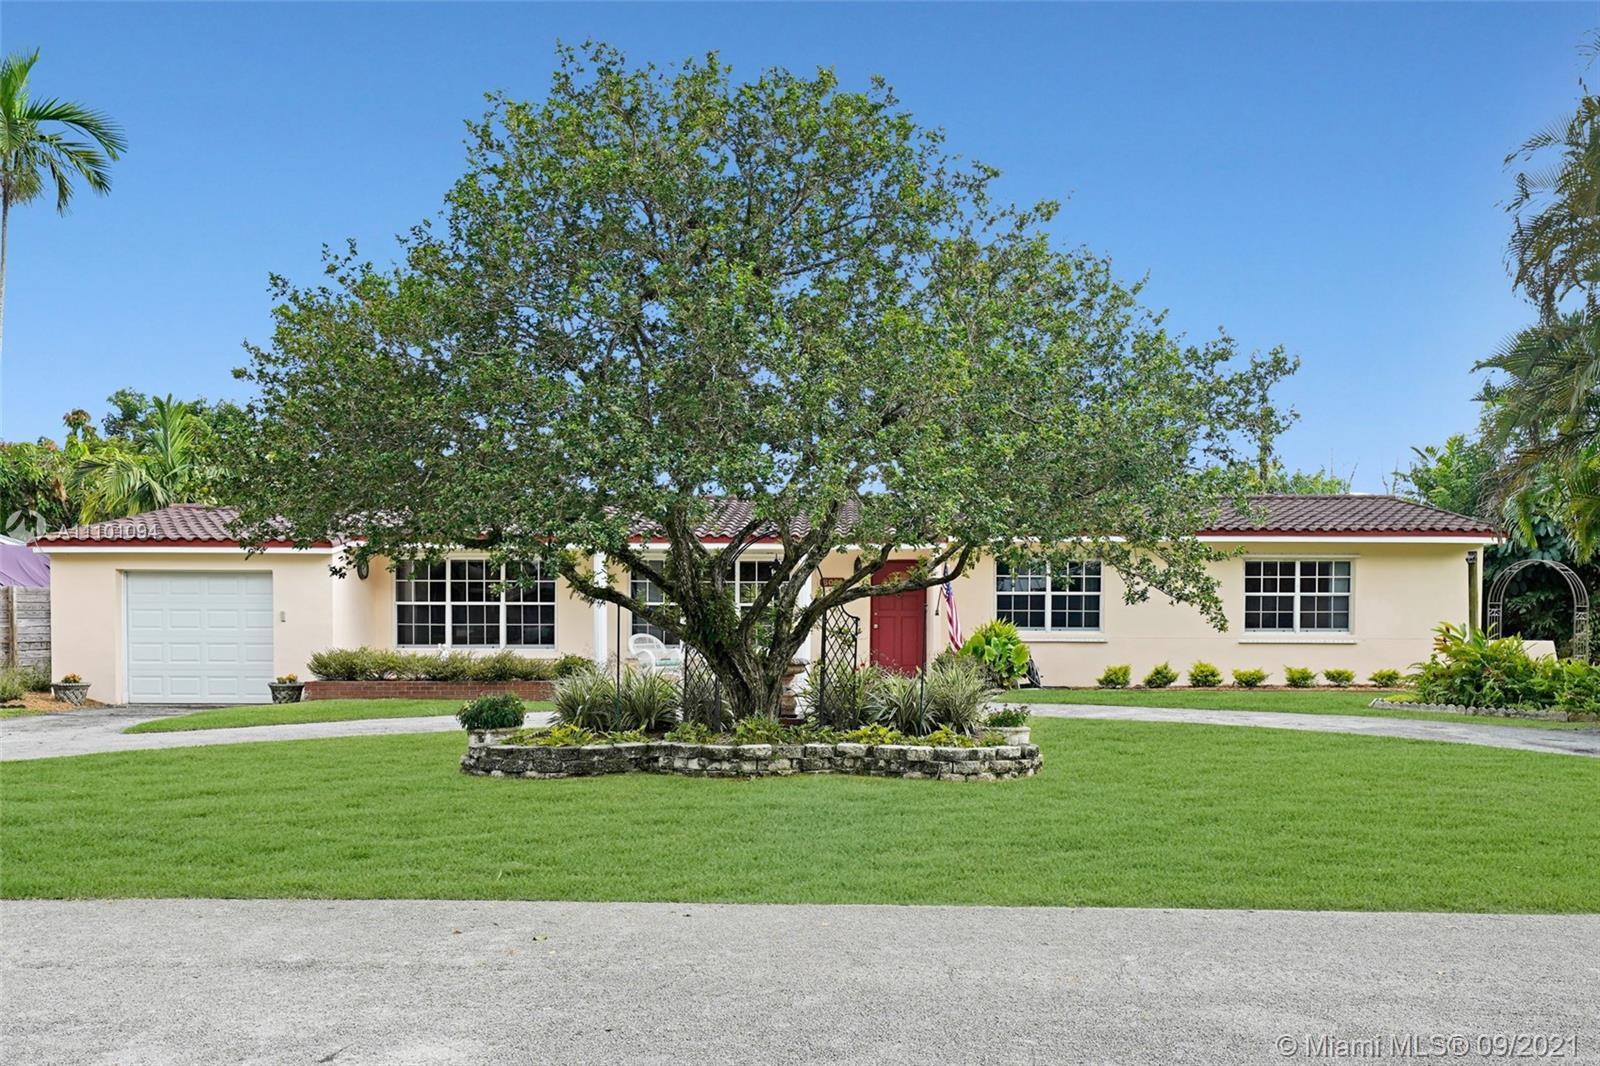 6001 63rd Ave, South Miami, Florida 33143